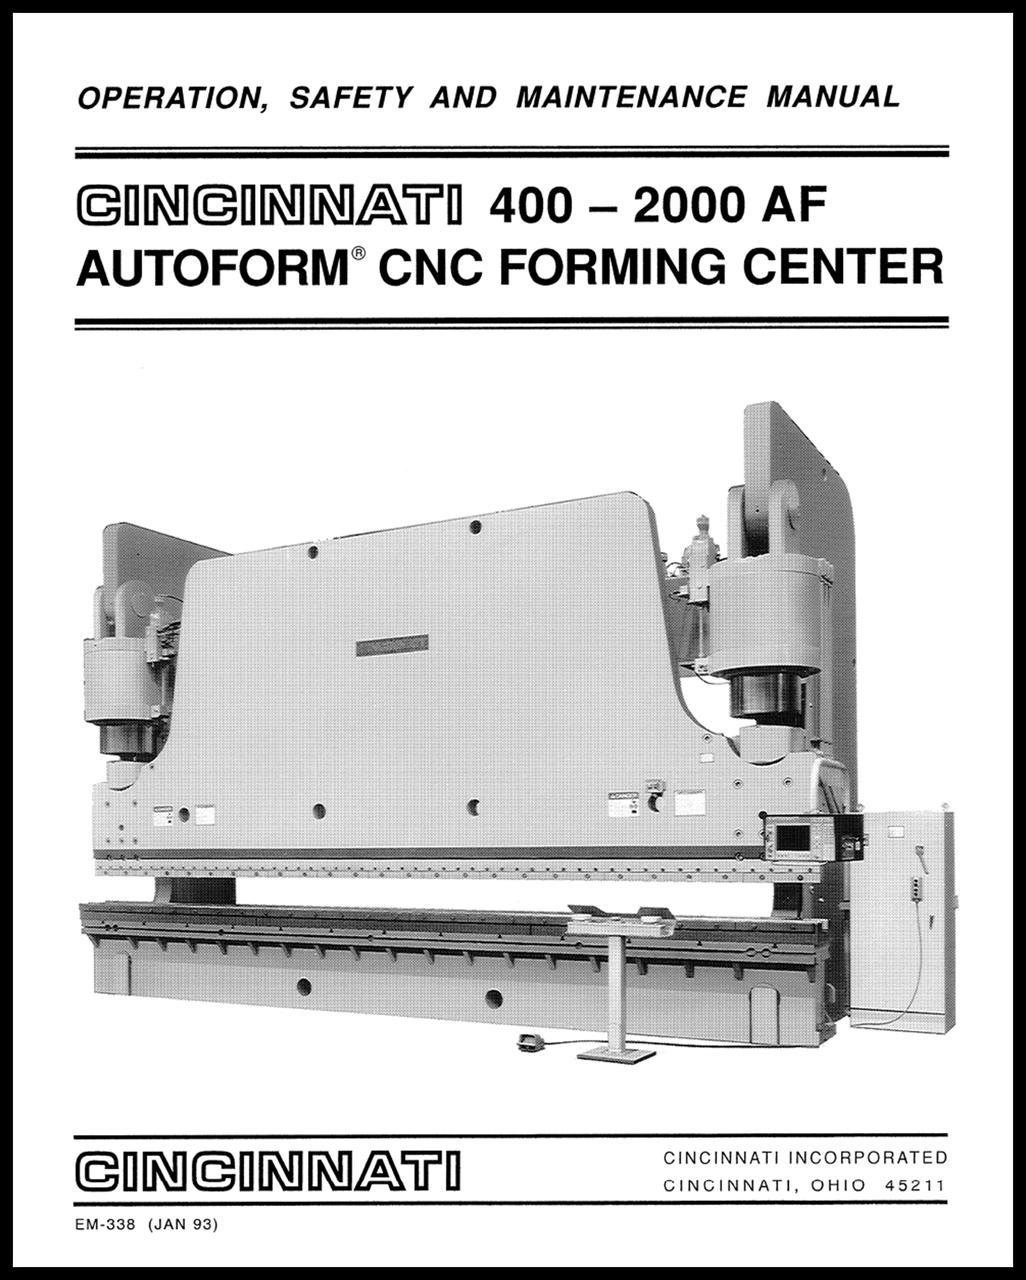 EM-338 (JAN 93) 400-2000 AF AUTOFORM CNC Forming Center Operation, Safety and Maintenance Manual